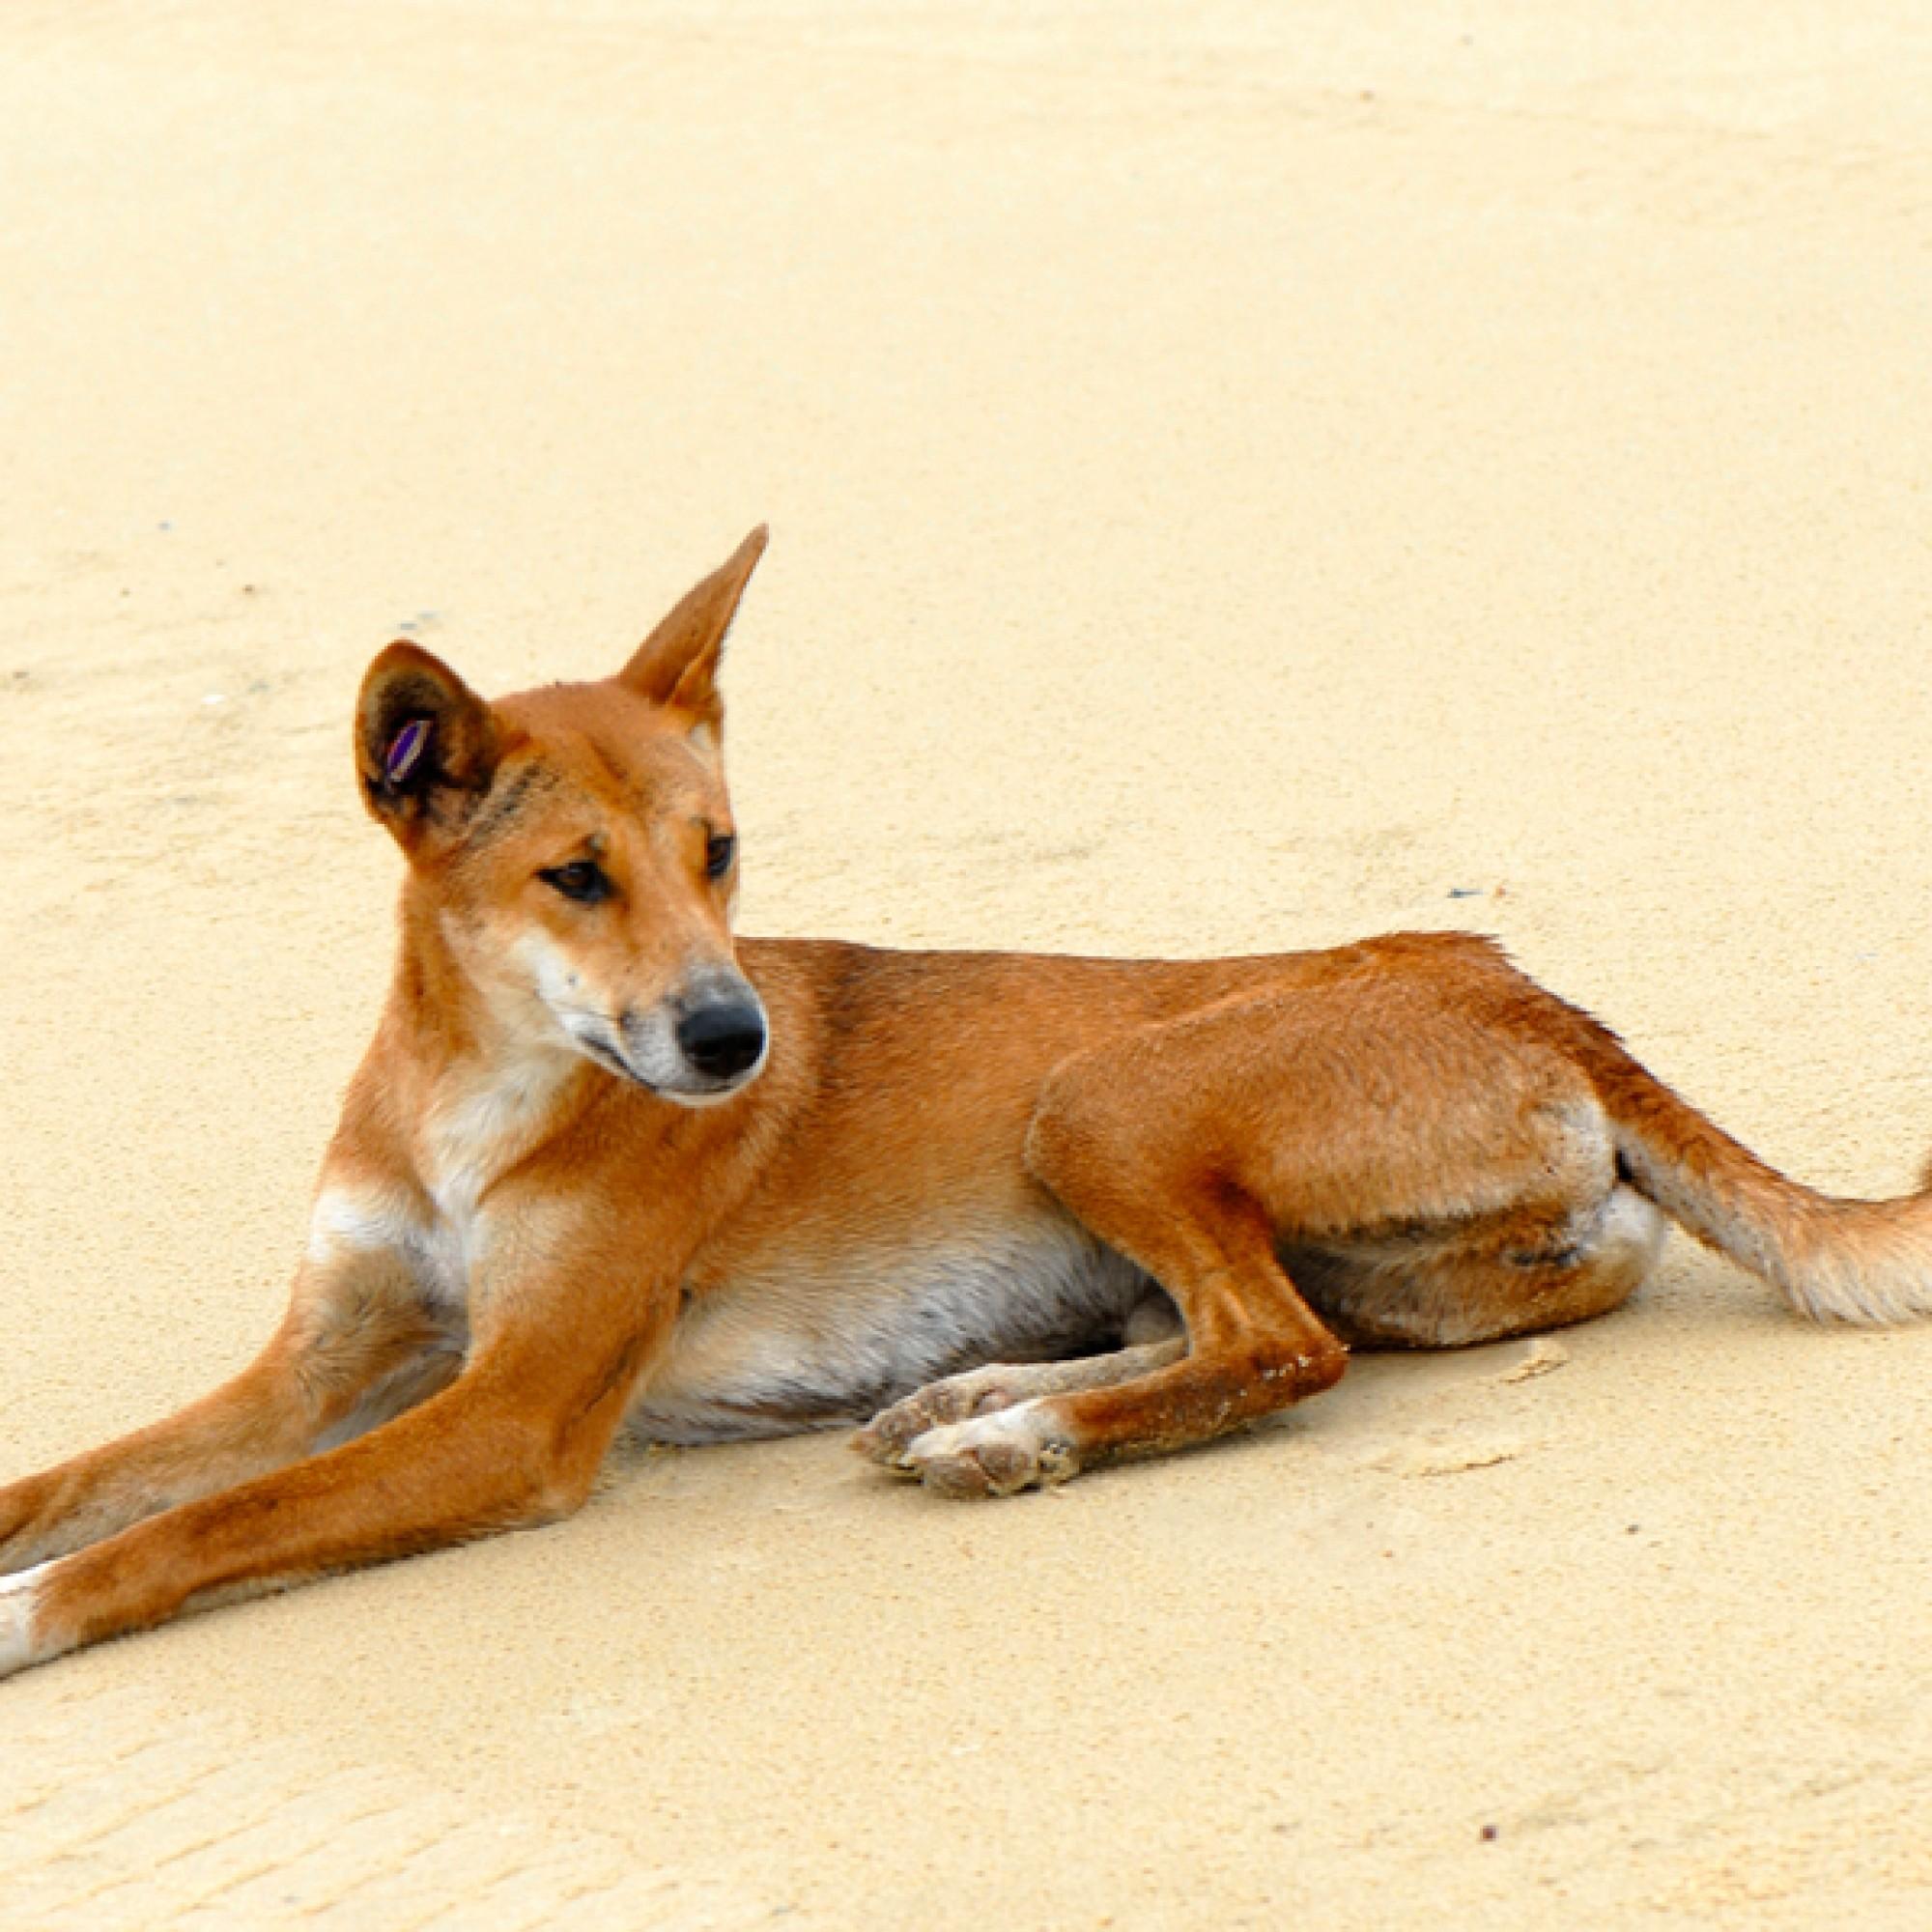 Sie soll der Zaun von Weiden fern halten: Dingos. (Sam Fraser-Smith, Flickr, CC)